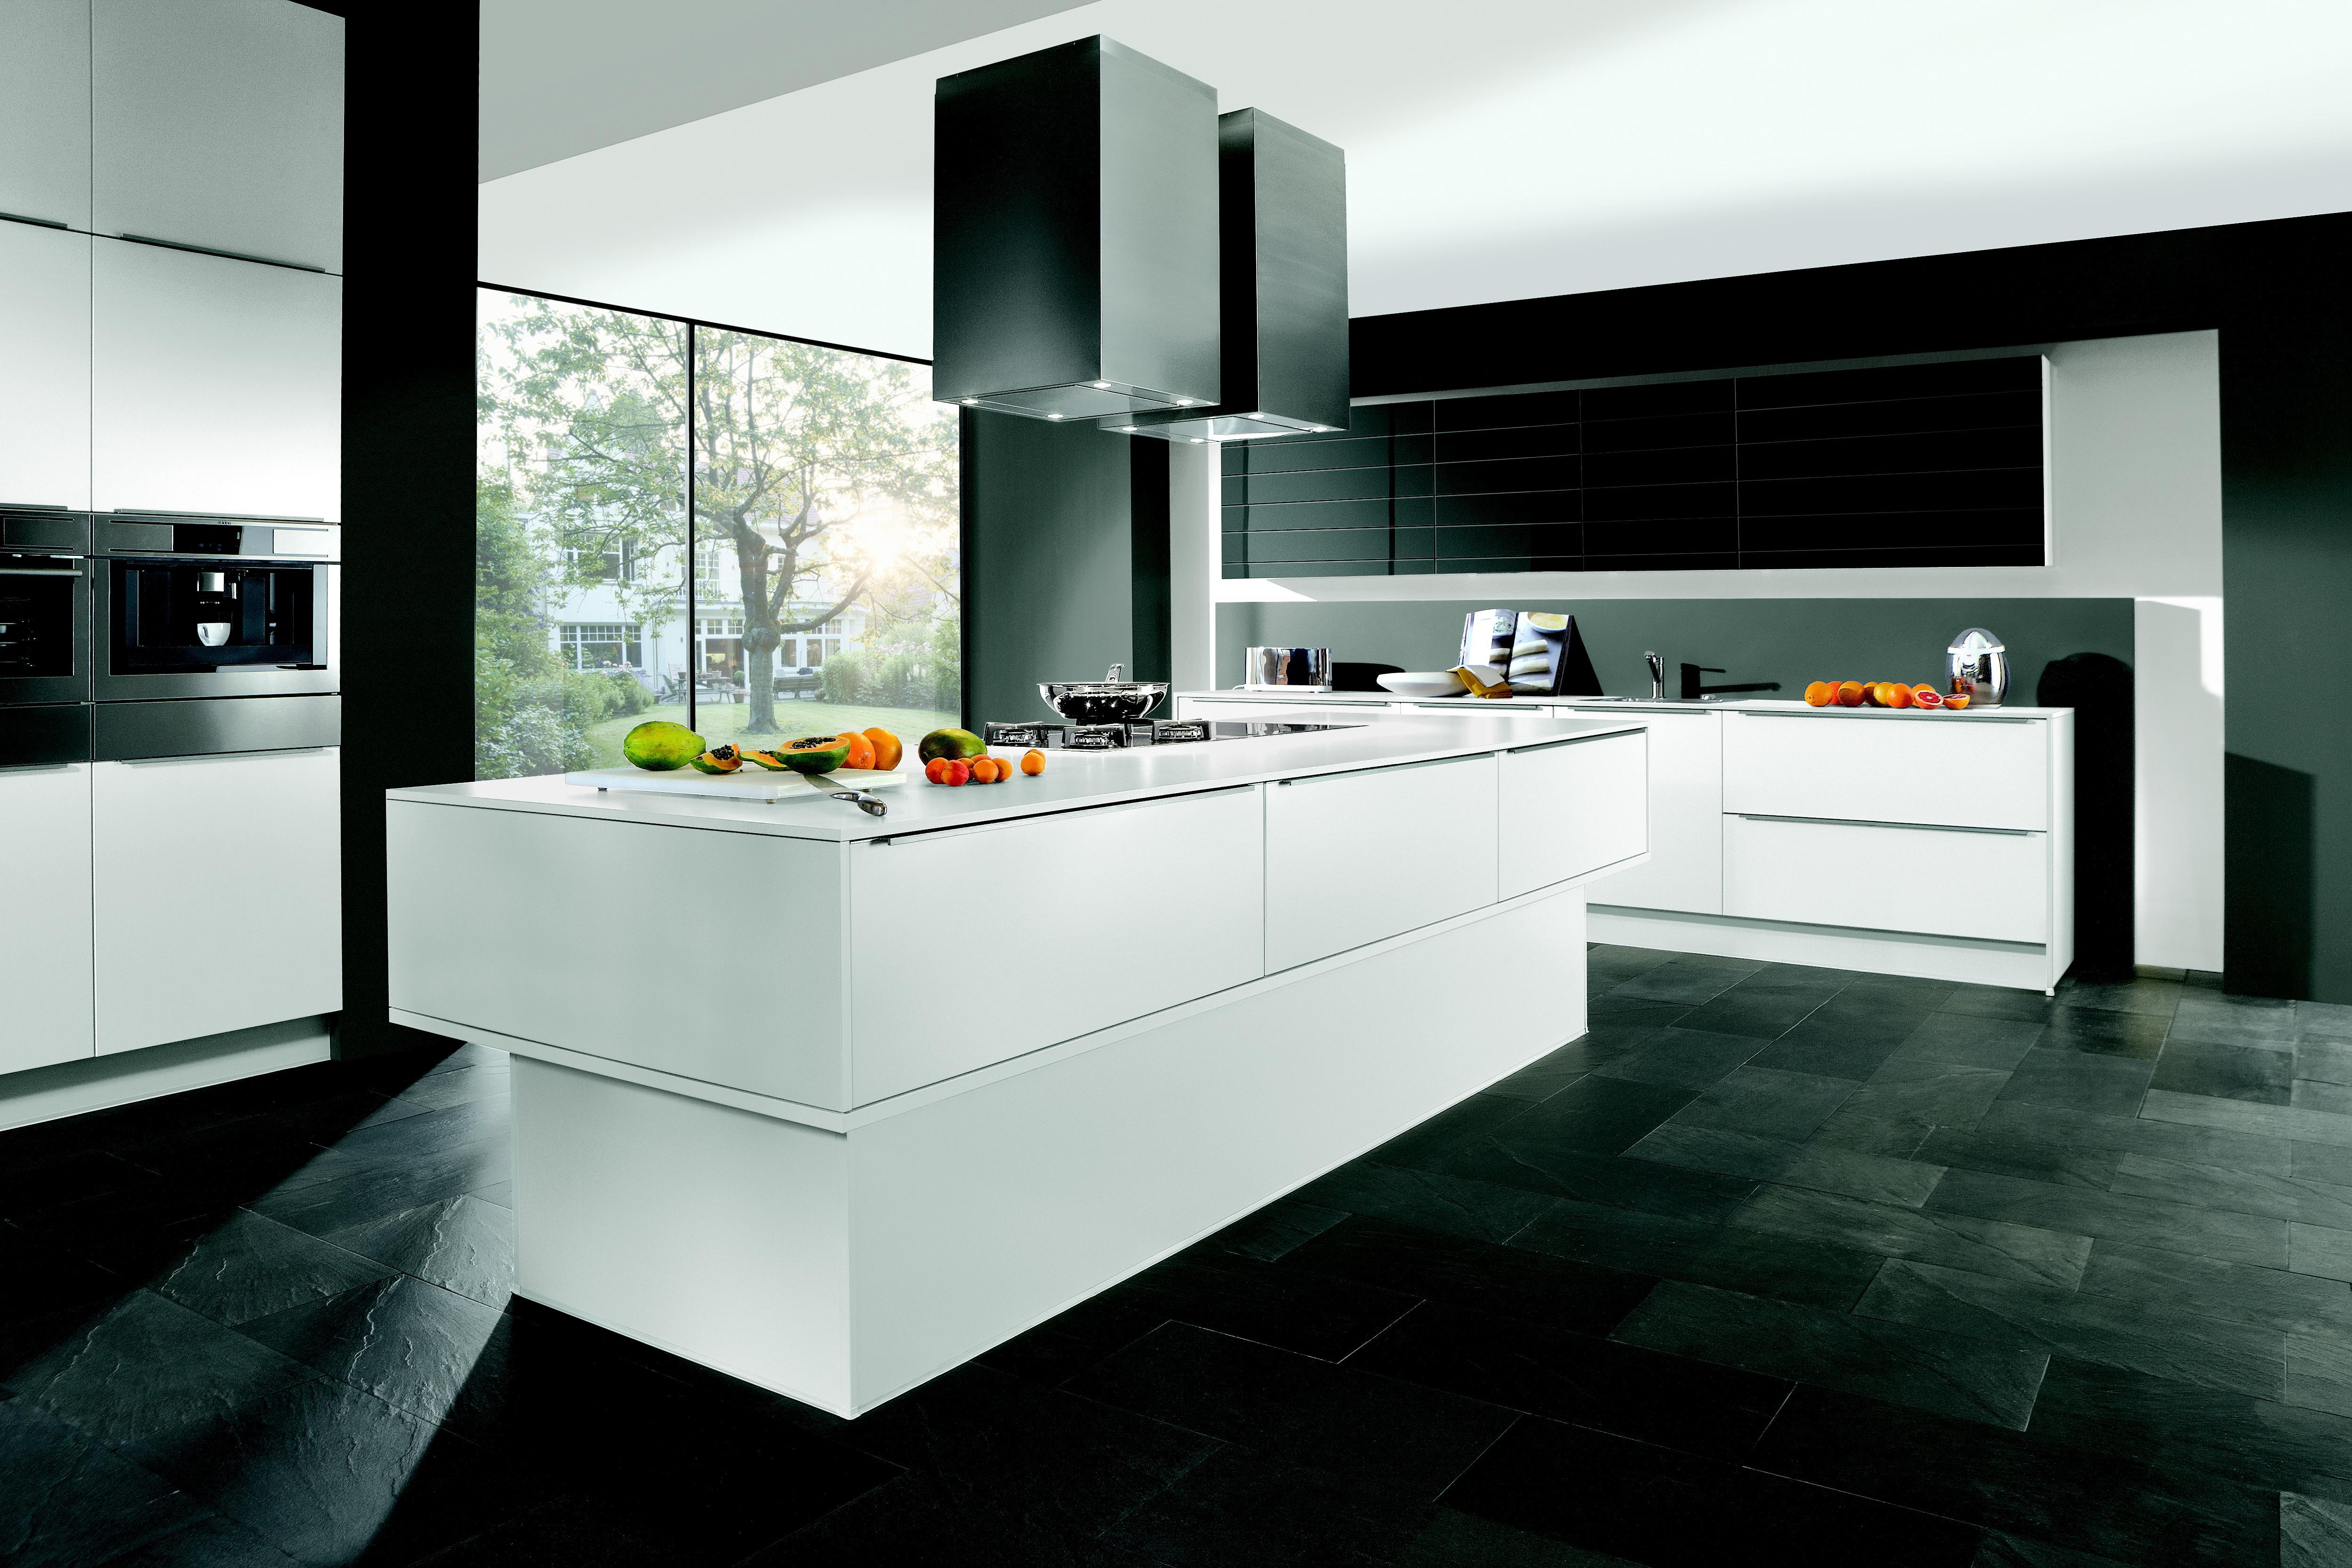 Foto 2 De Muebles De Ba O Y Cocina En Madrid Dise O En